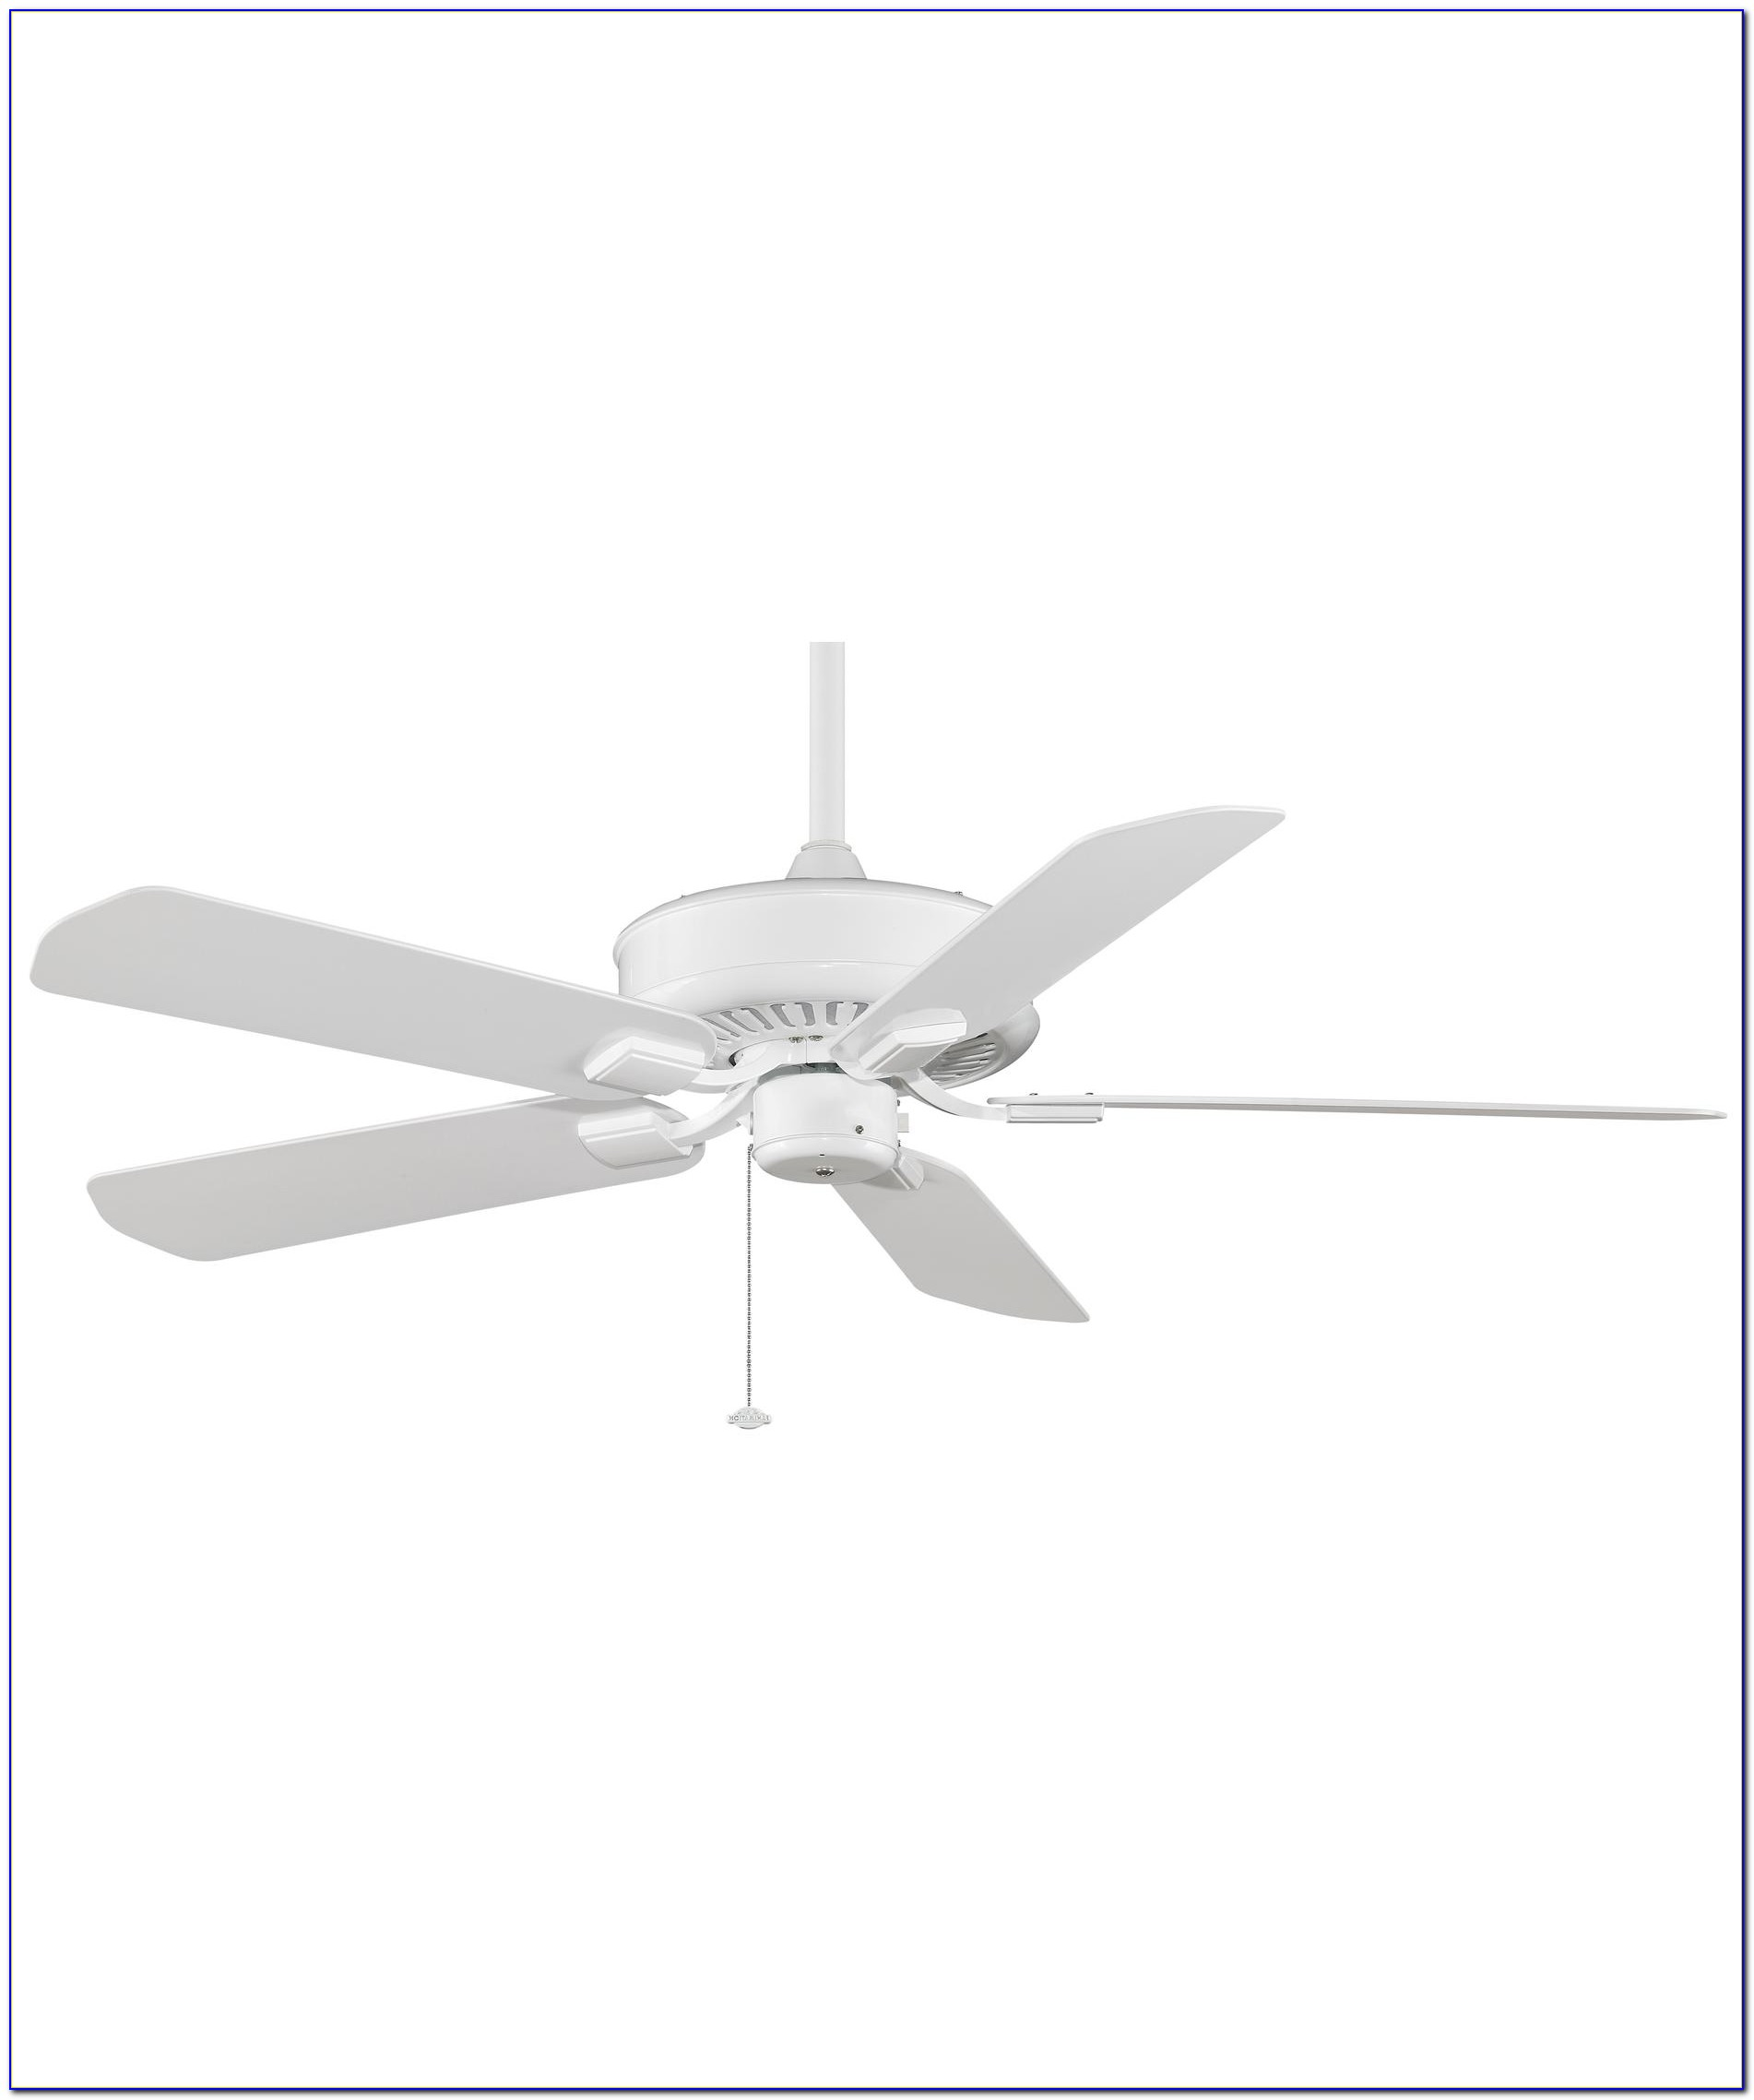 Hudson Bay Ceiling Fan Manual